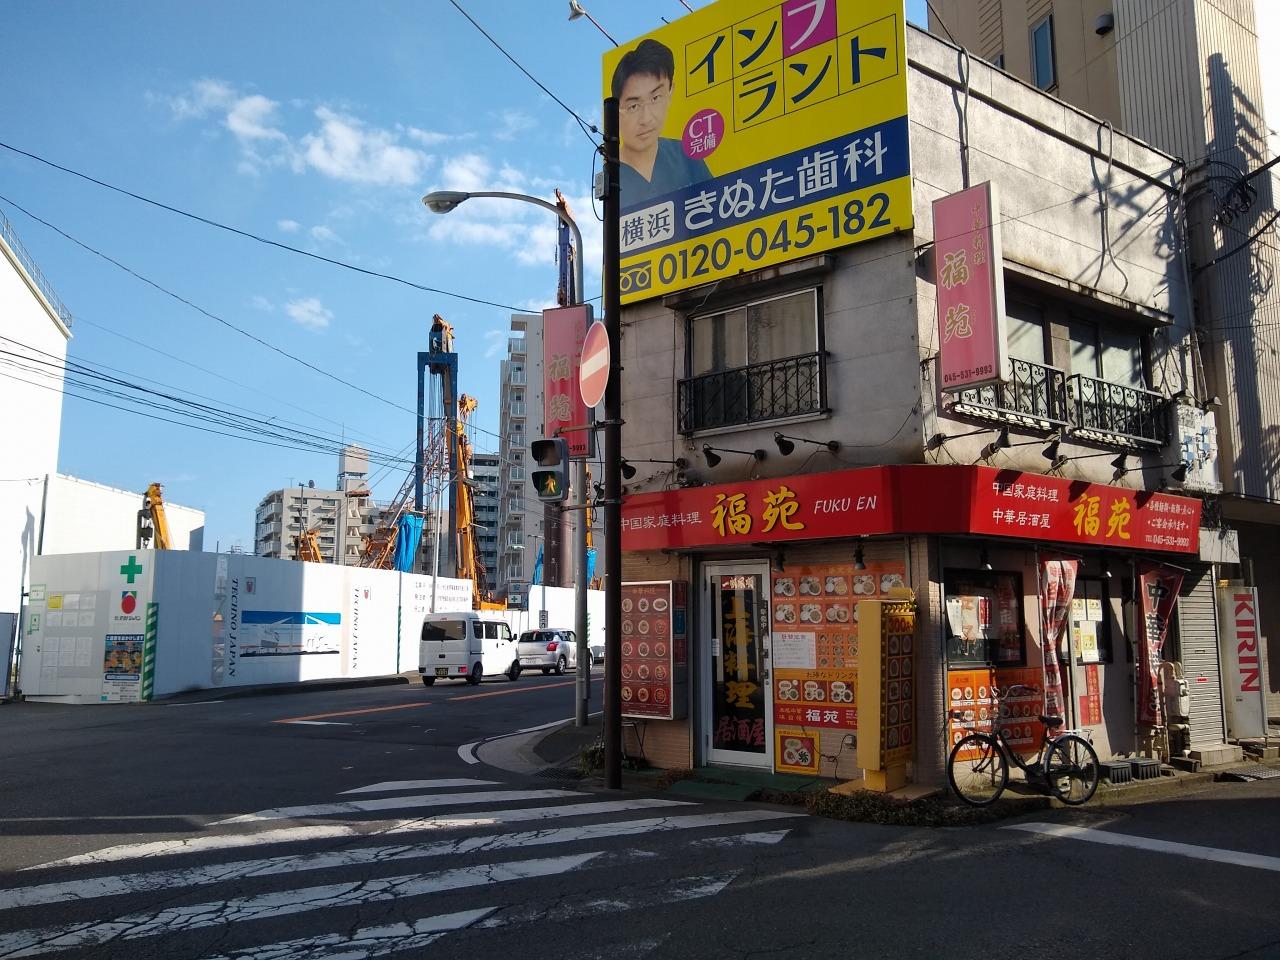 綱島 福苑